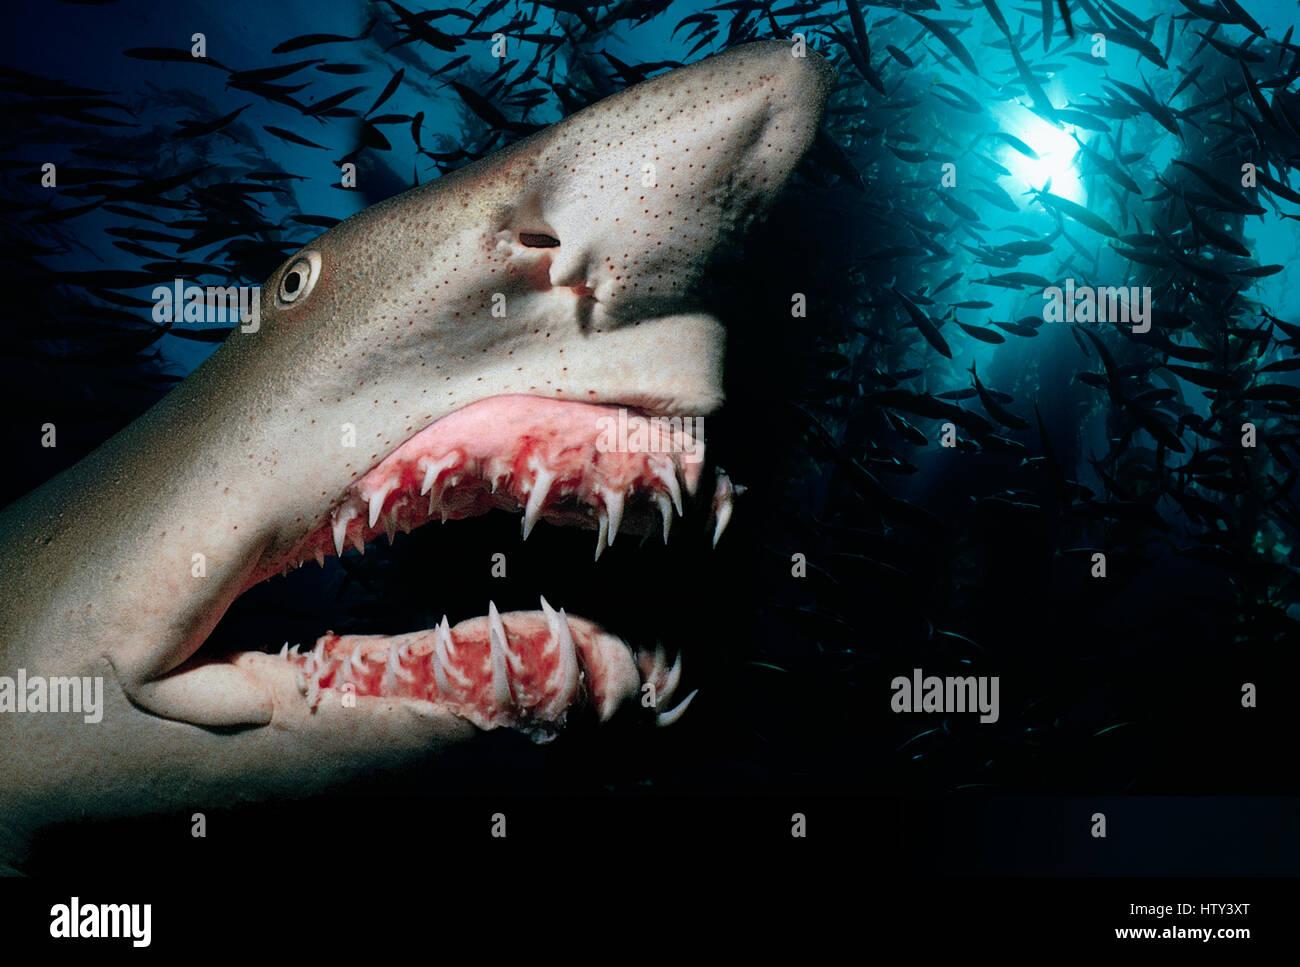 Sand Tiger Shark (Eugomphodus taurus) presents itself at night - Caribbean Sea. Image digitally manipulated. - Stock Image